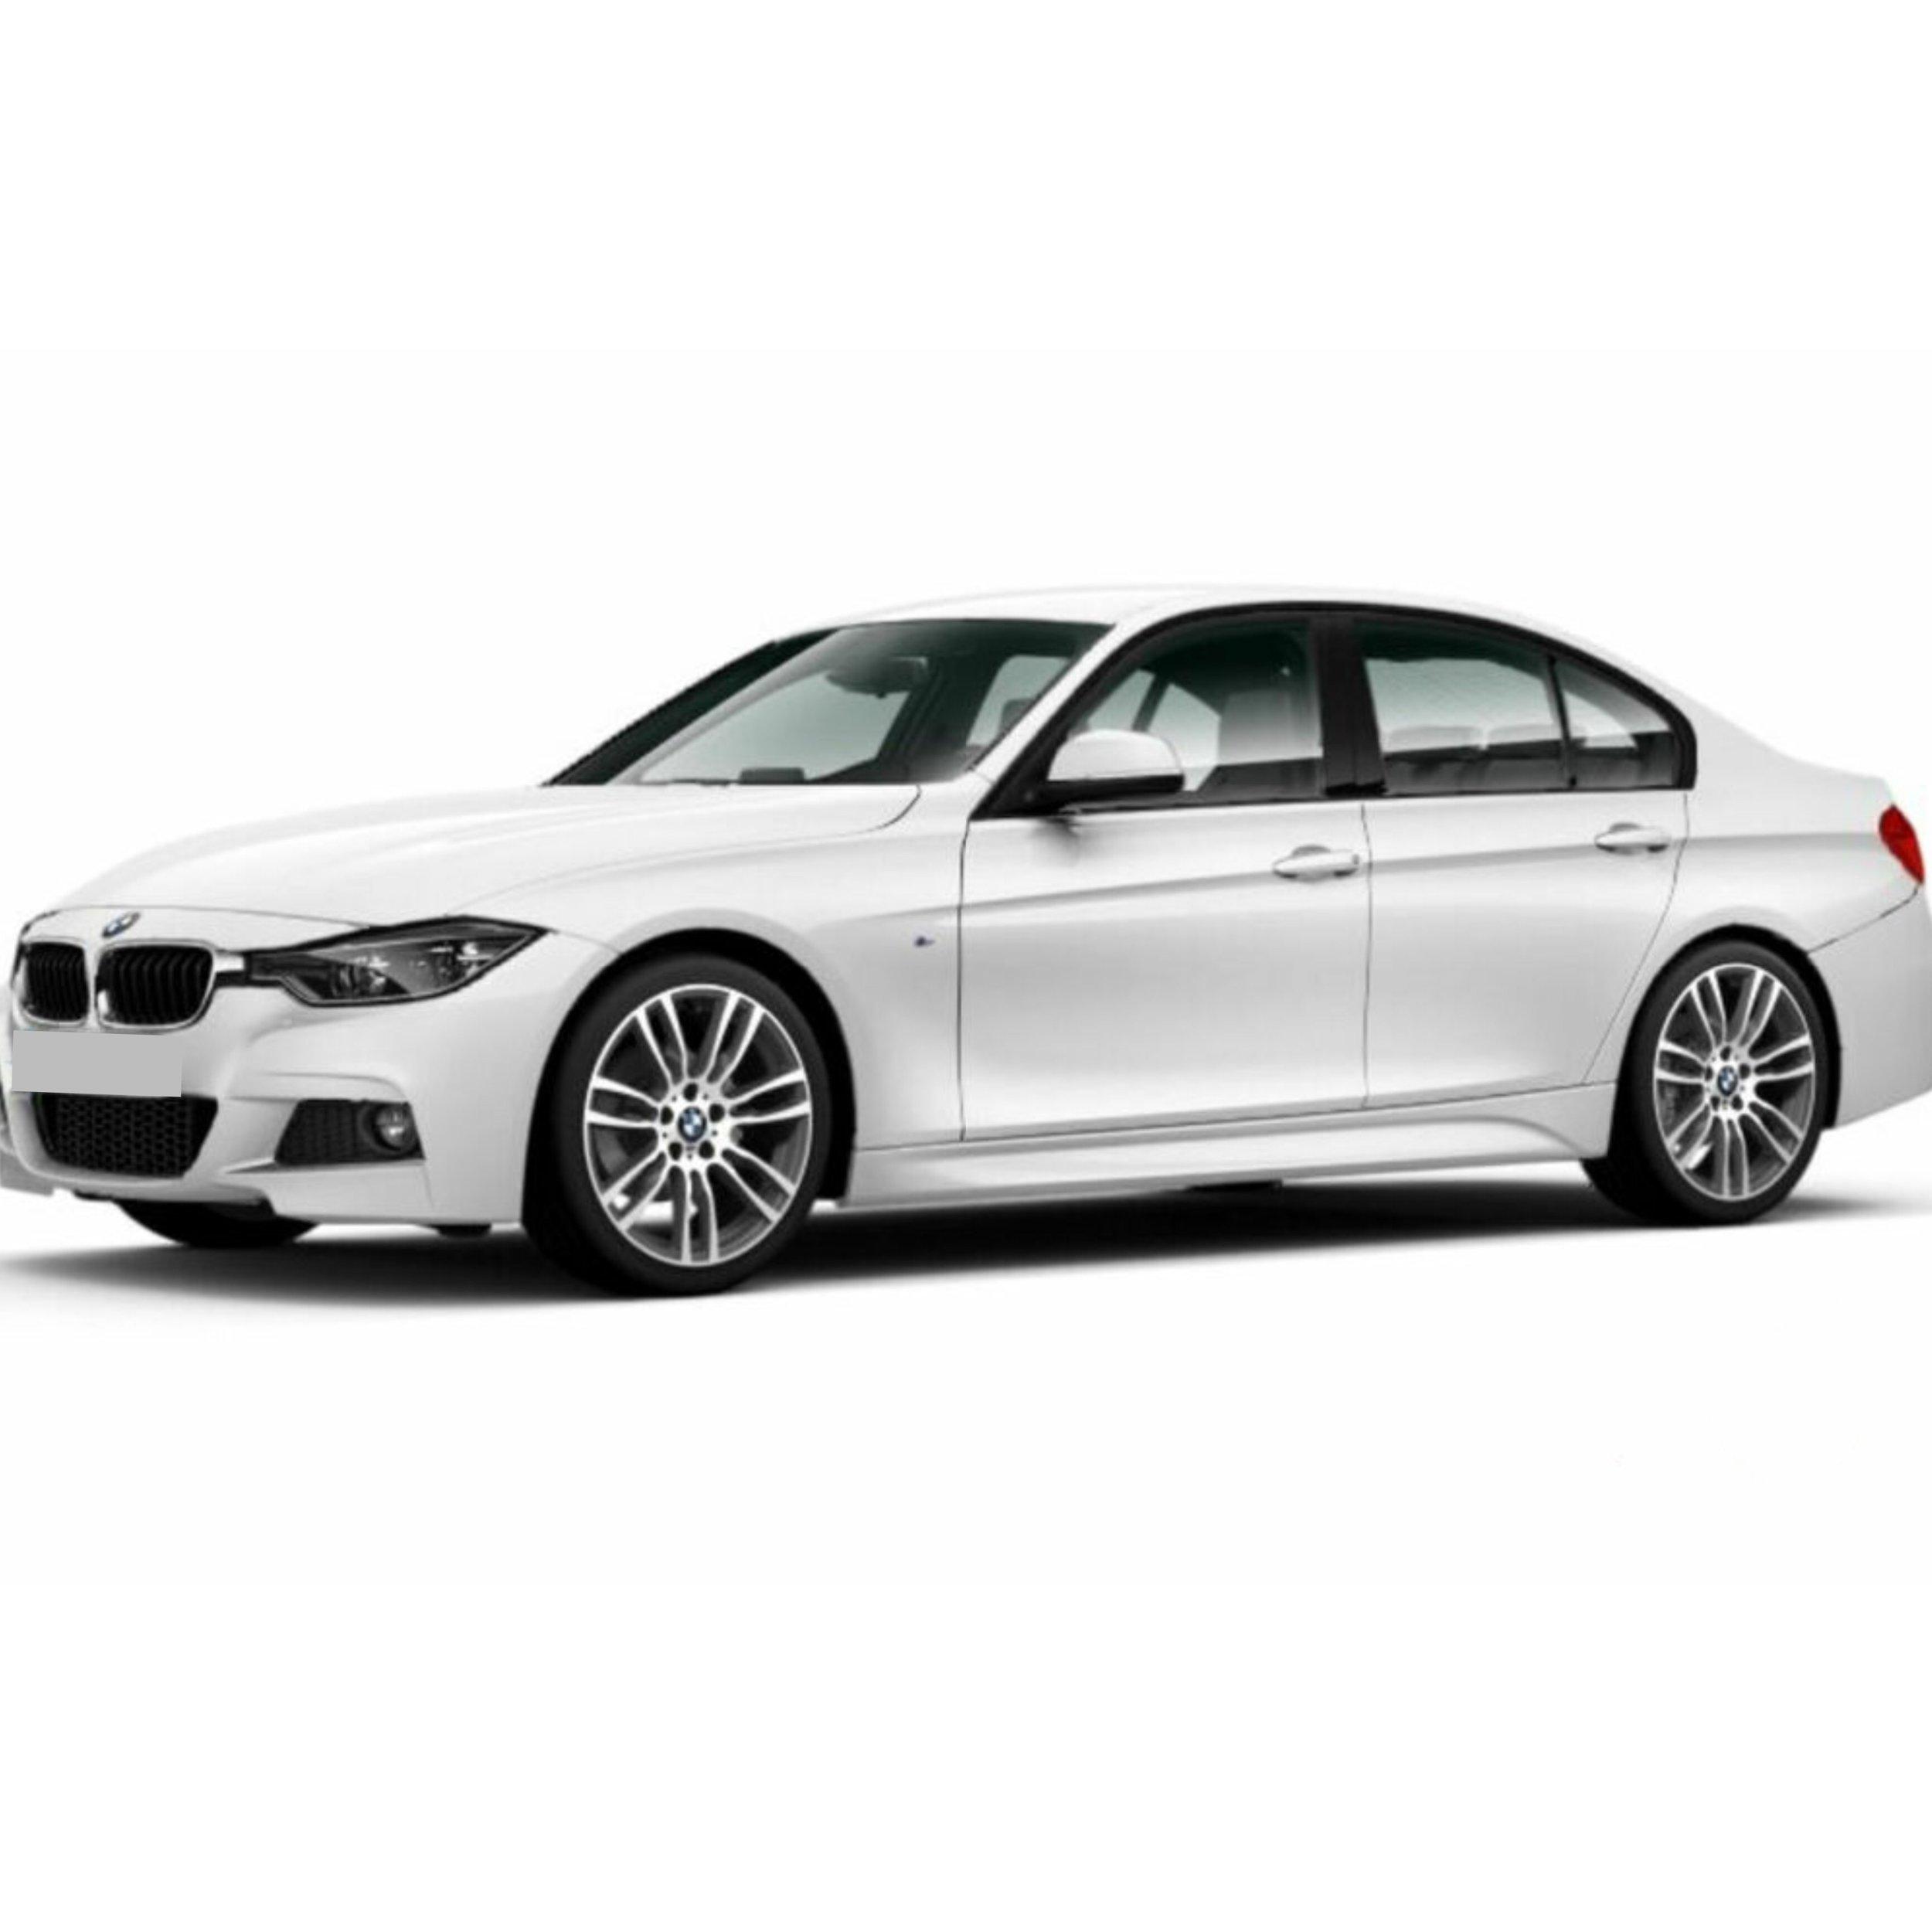 BMW 320i Limousine M Sport329,00€ / Monat - *Nur Gewerbekunden*alle Werte zzgl. der jeweiligen Umsatzsteuer